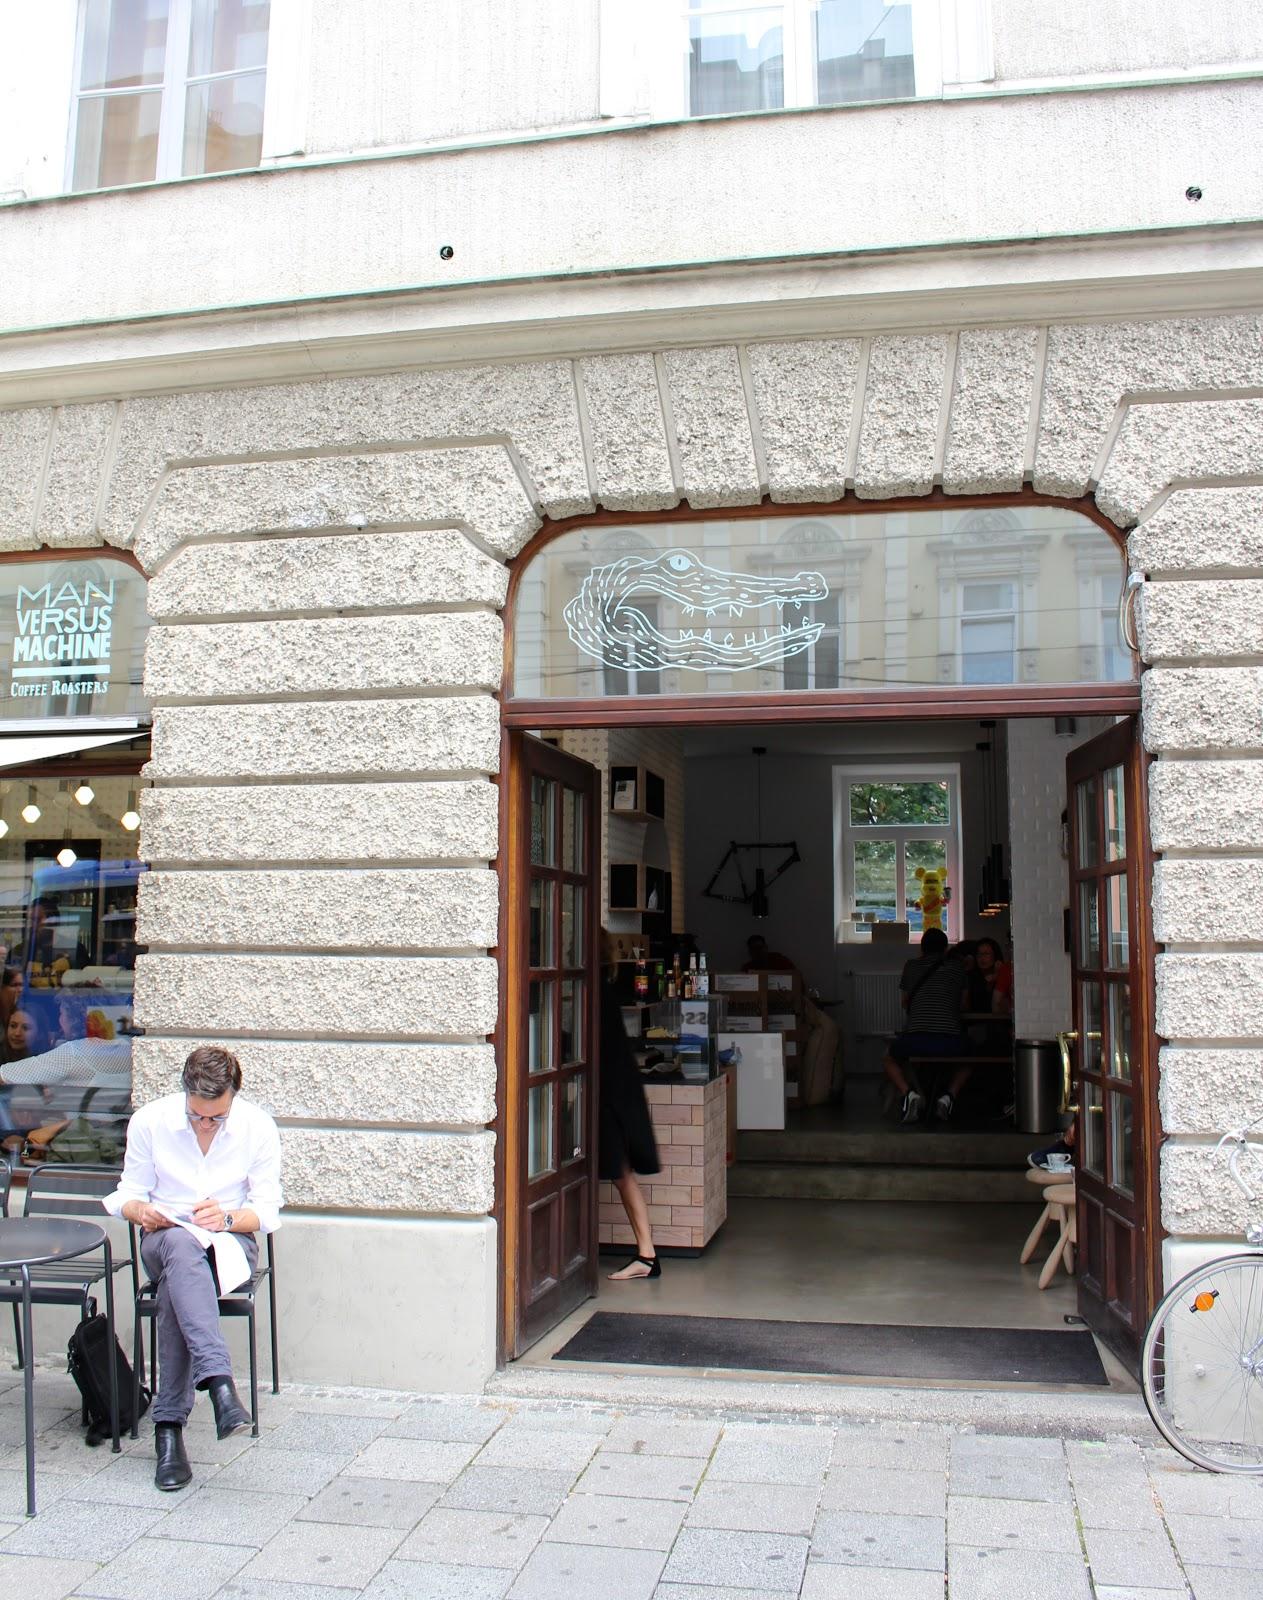 Man Versus Machine coffee Munich building